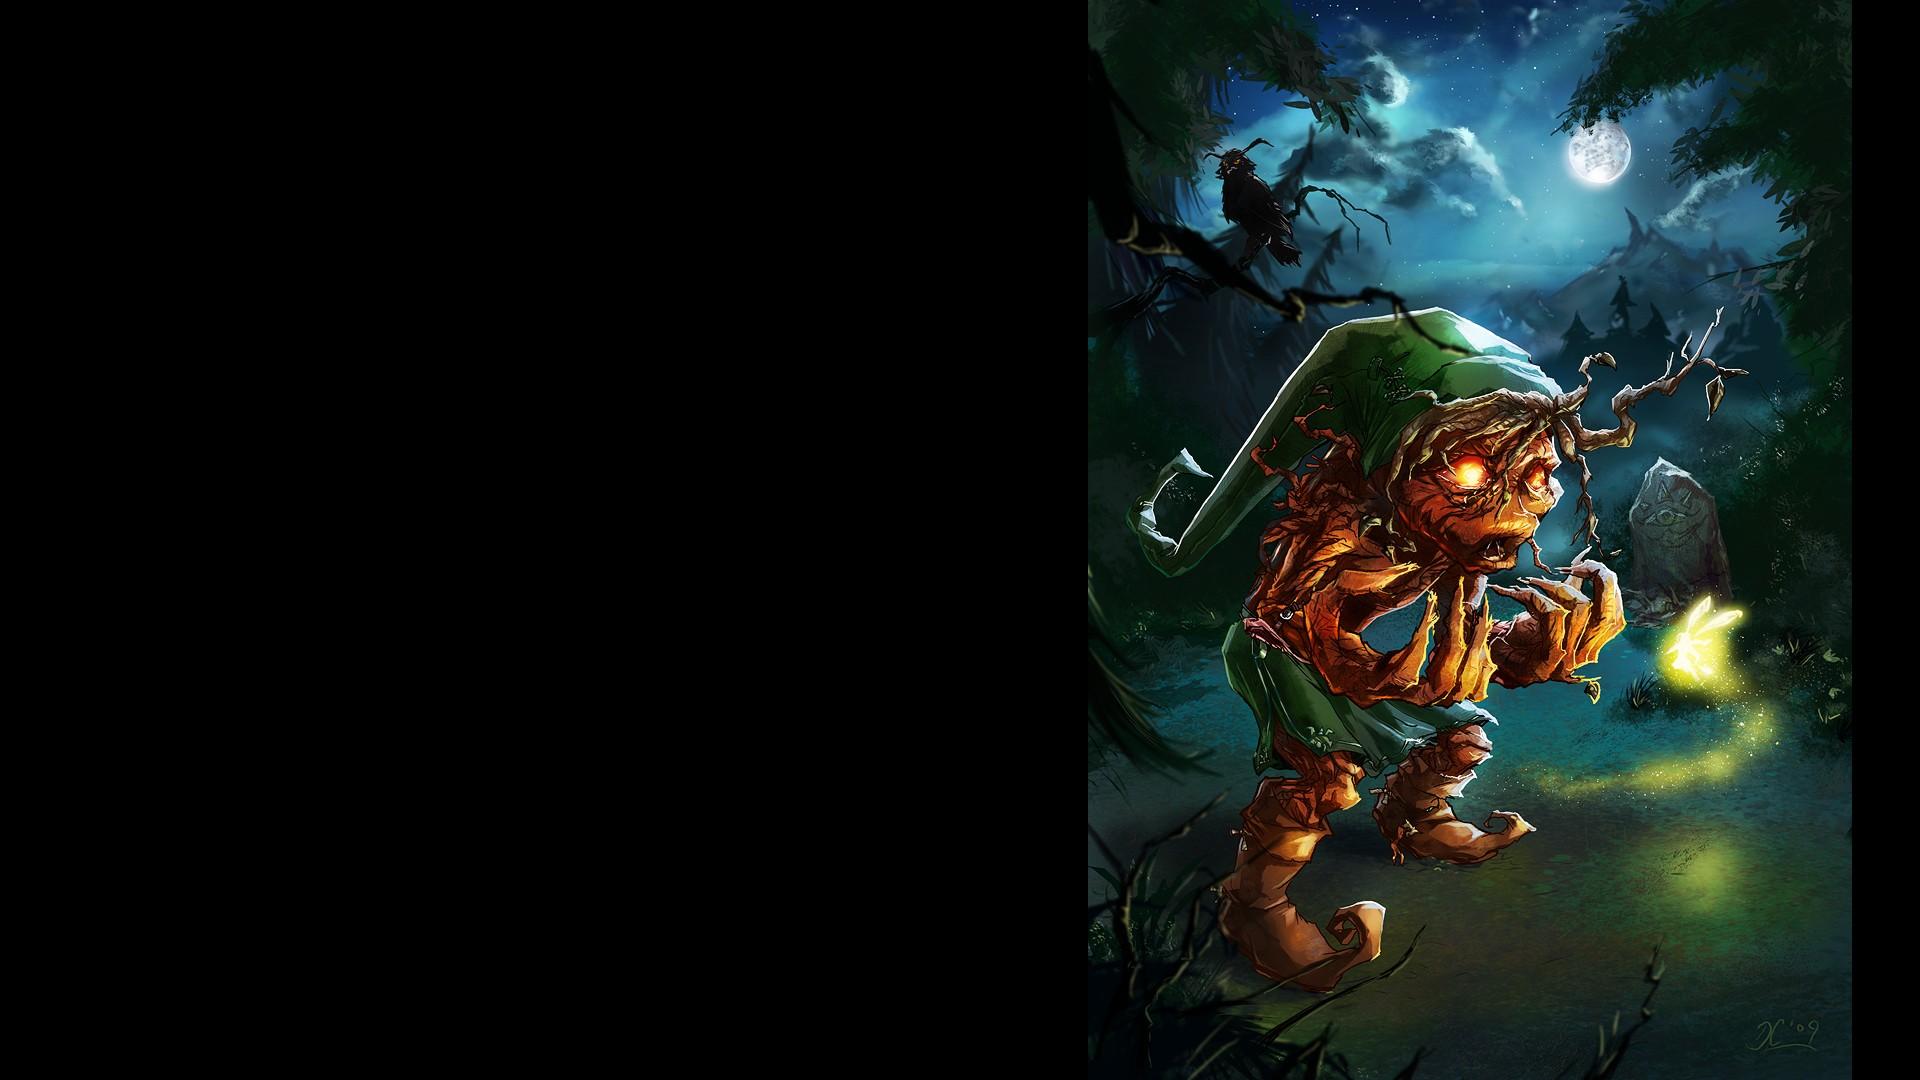 Wallpaper Video Games The Legend Of Zelda Link Darkness